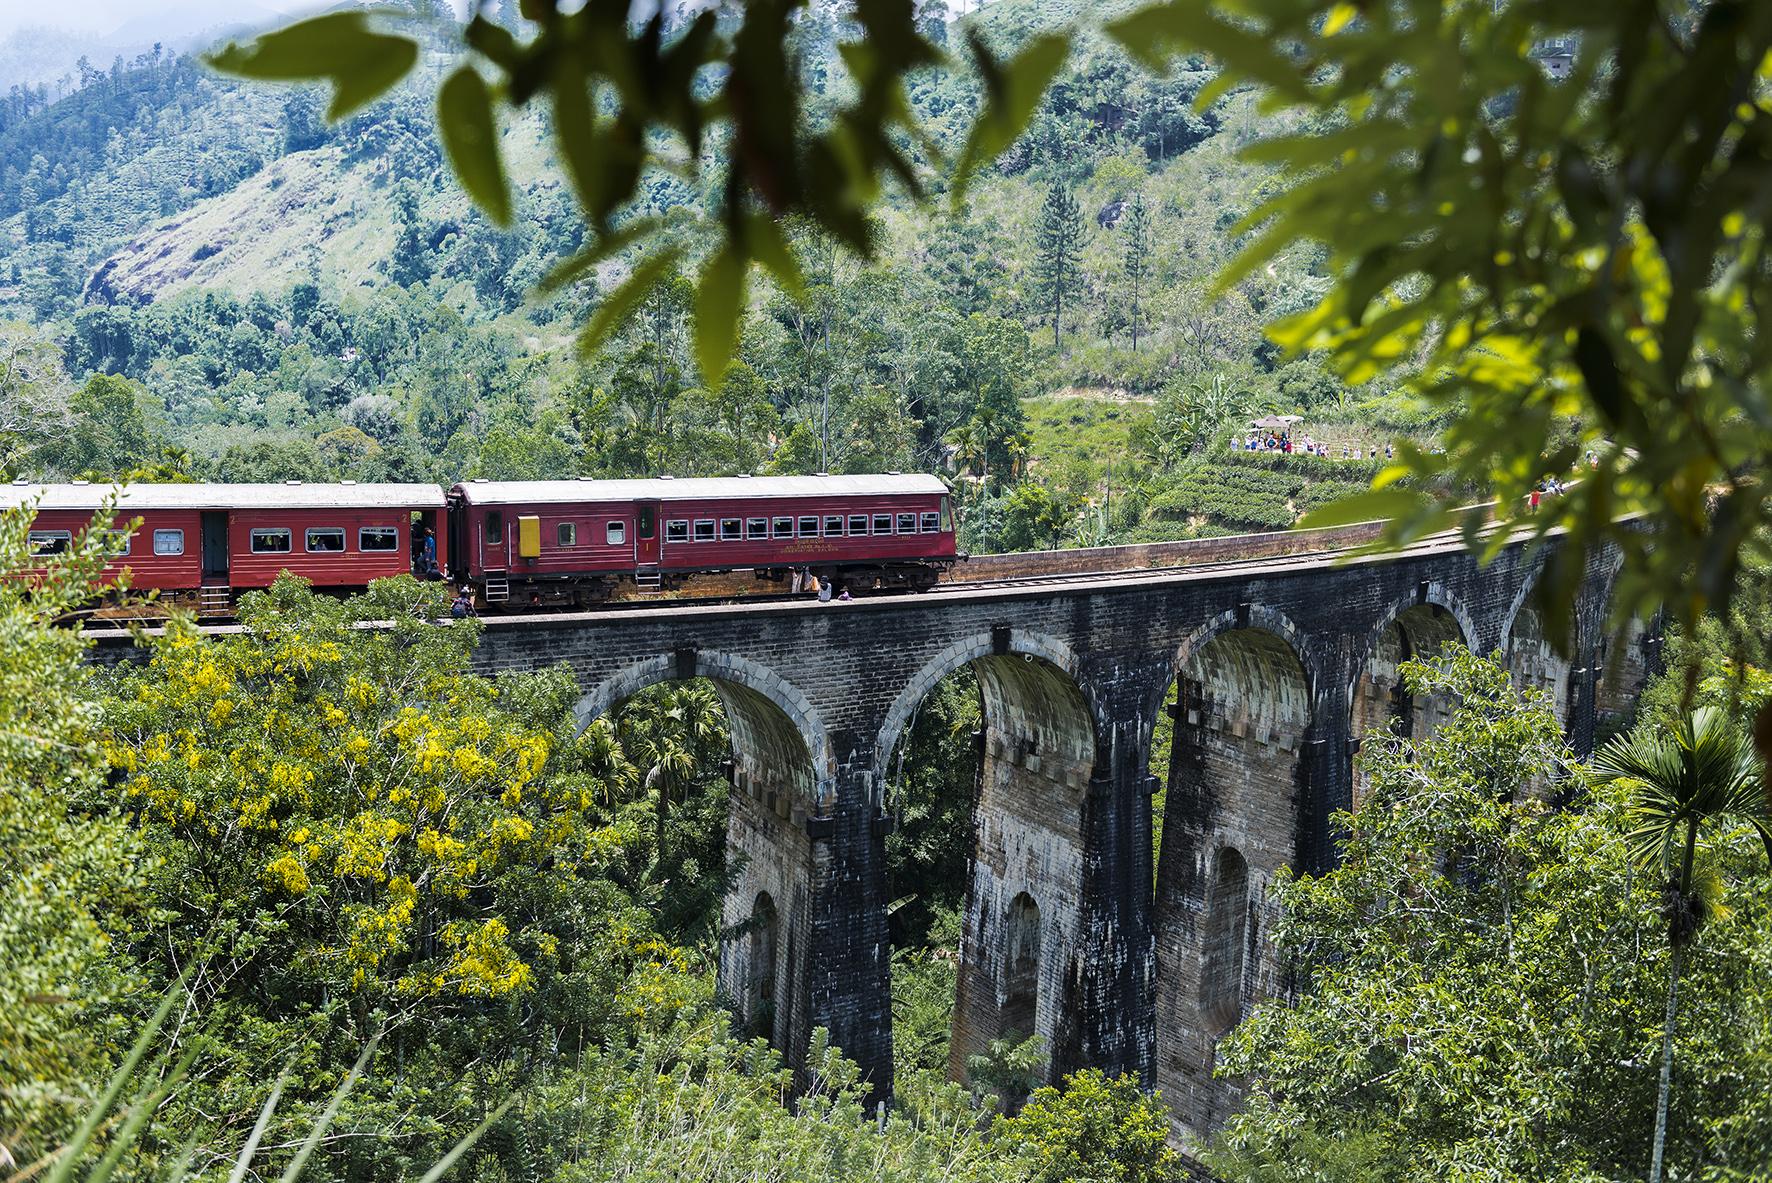 Photo d'un viaduc dans la jungle avec un train rouge qui circule dessus.